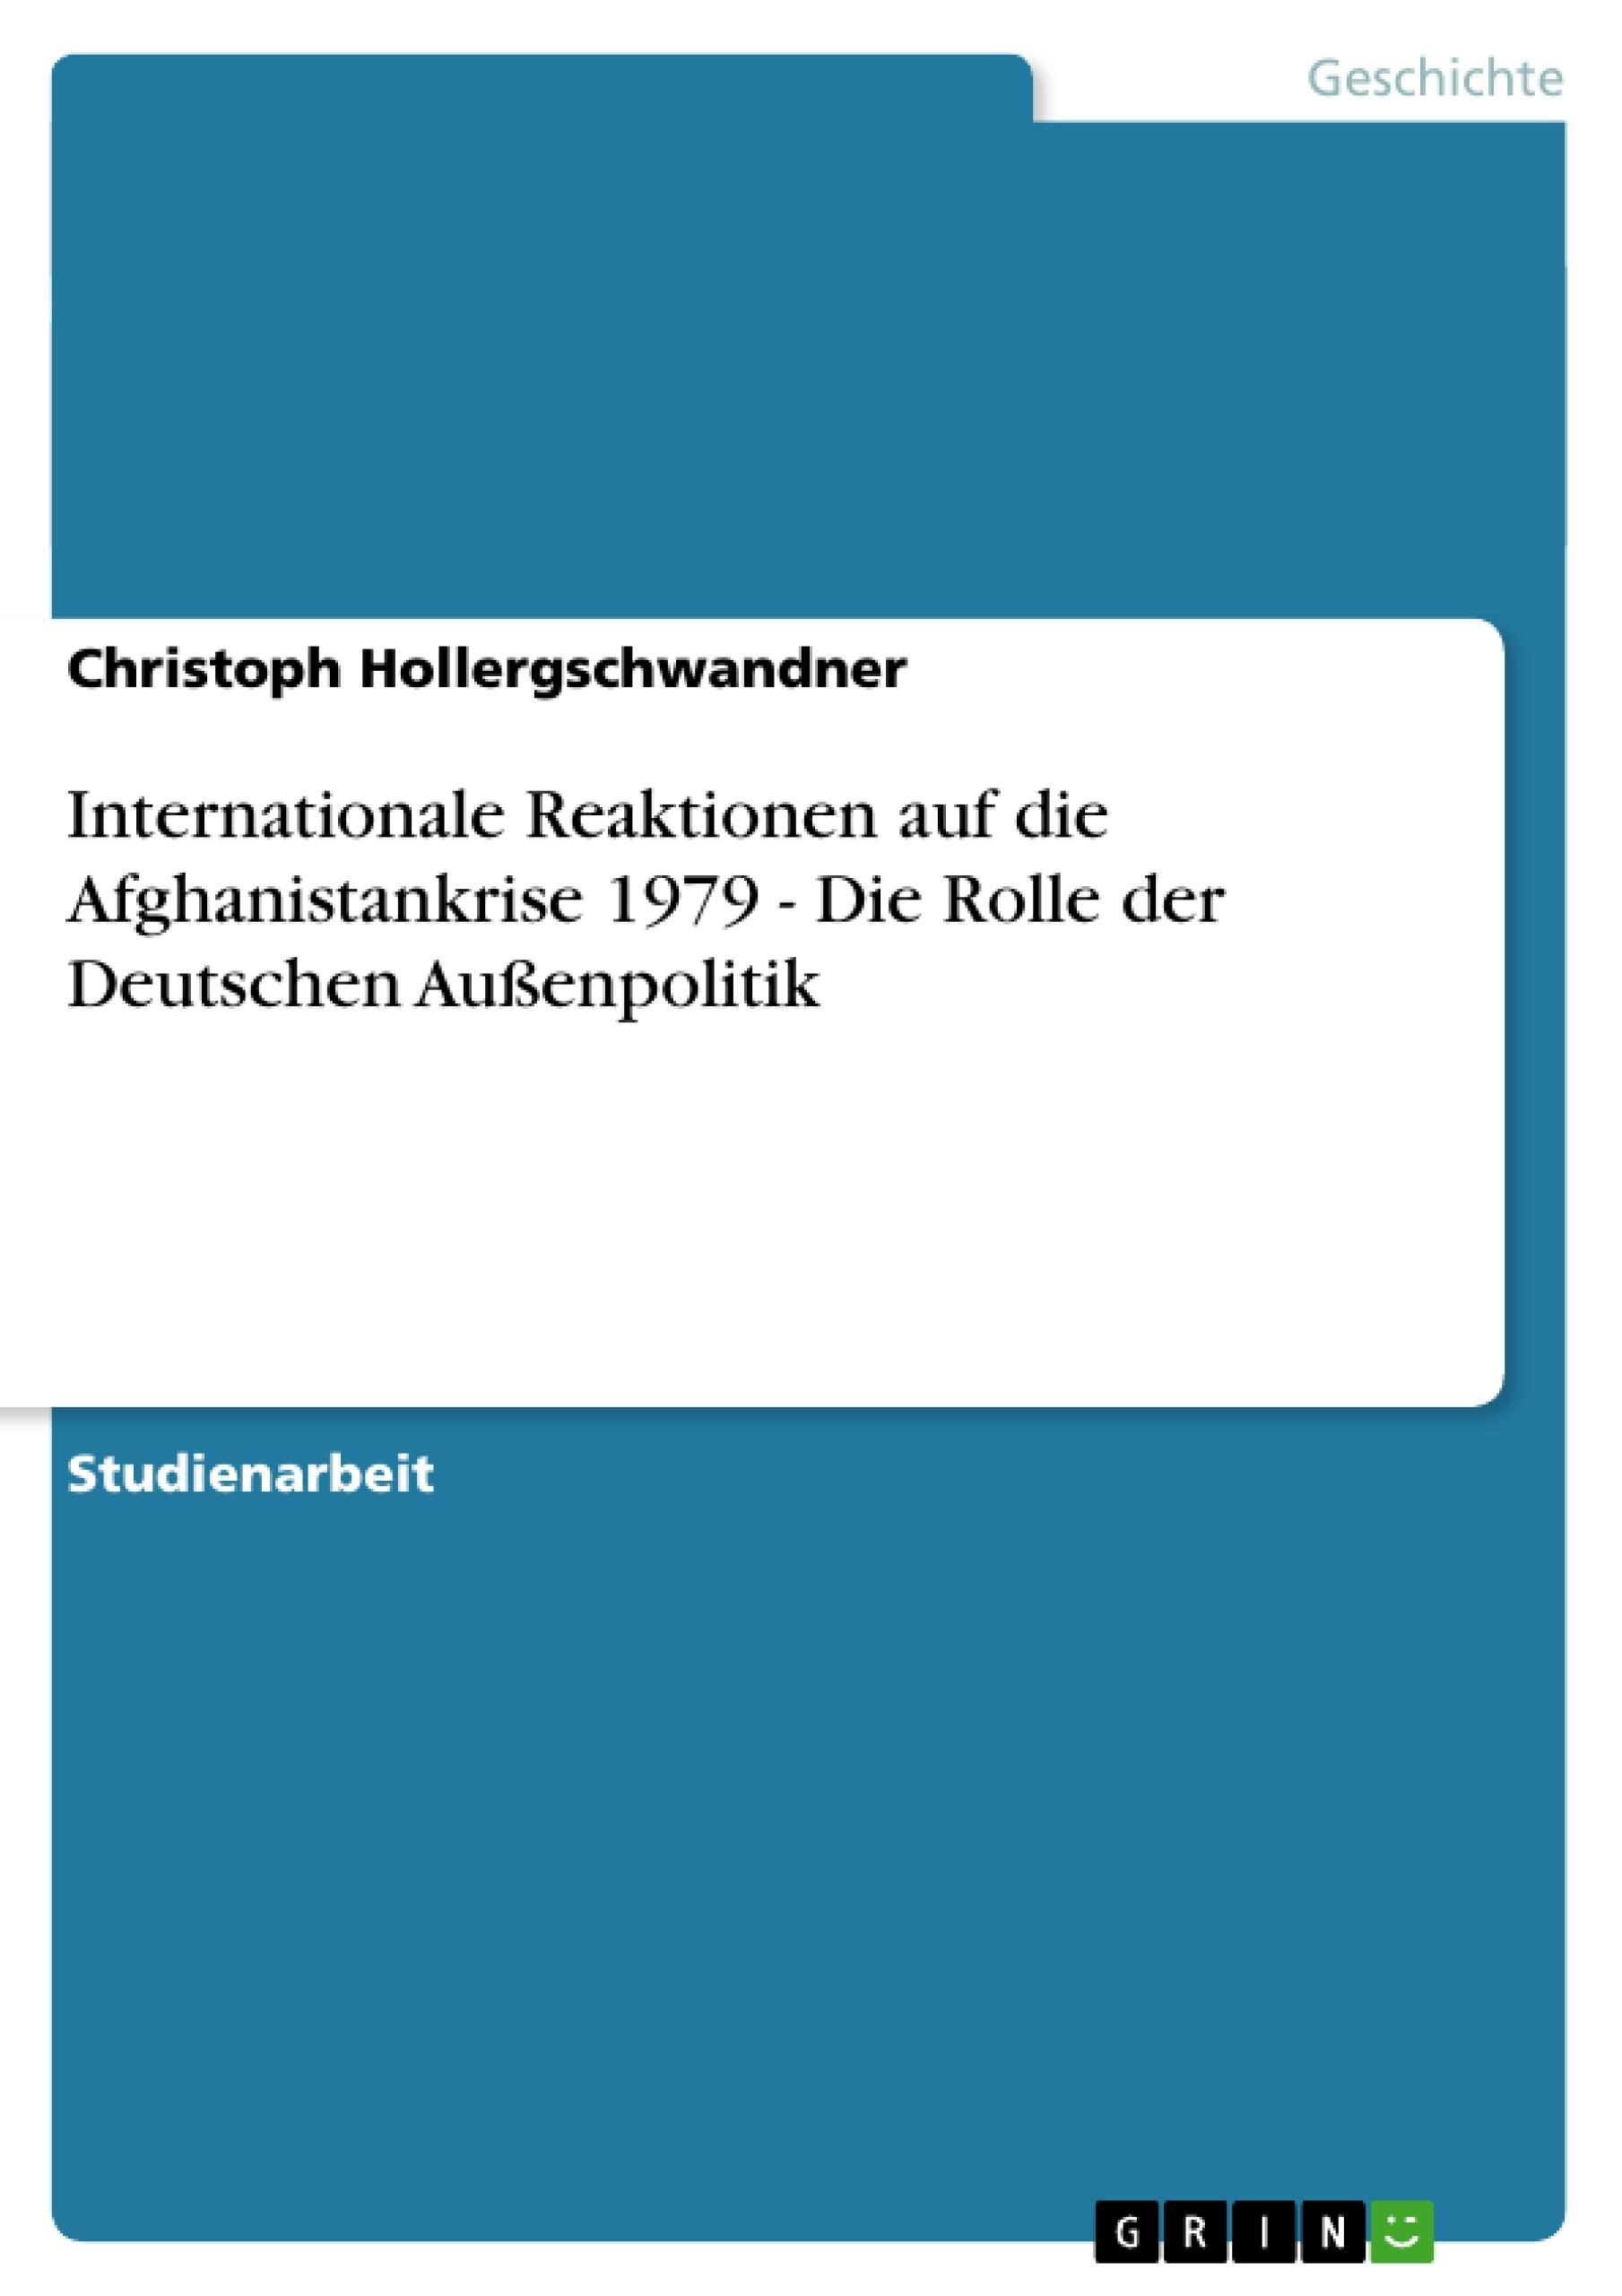 Titel: Internationale Reaktionen auf die Afghanistankrise 1979 - Die Rolle der Deutschen Außenpolitik